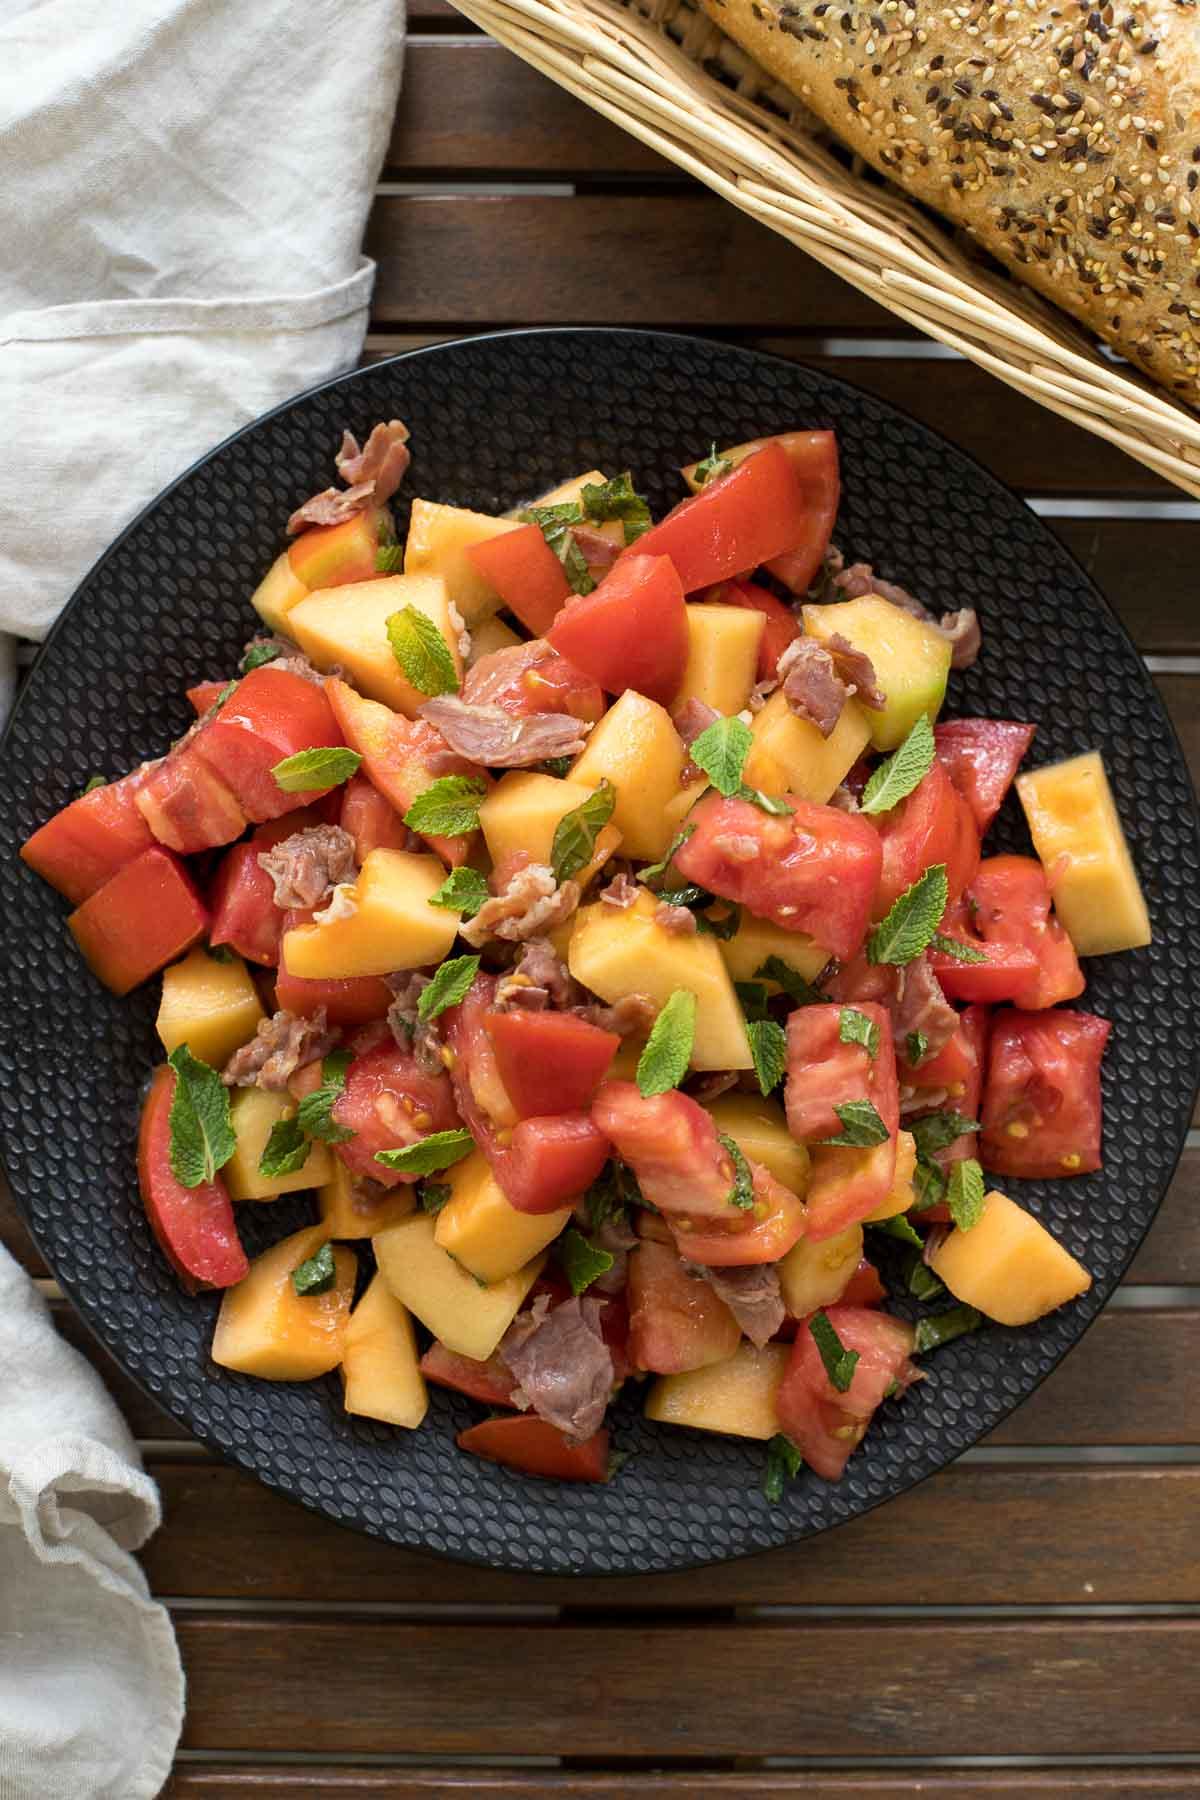 Tomato-Melon Salad with Crispy Prosciutto & Mint